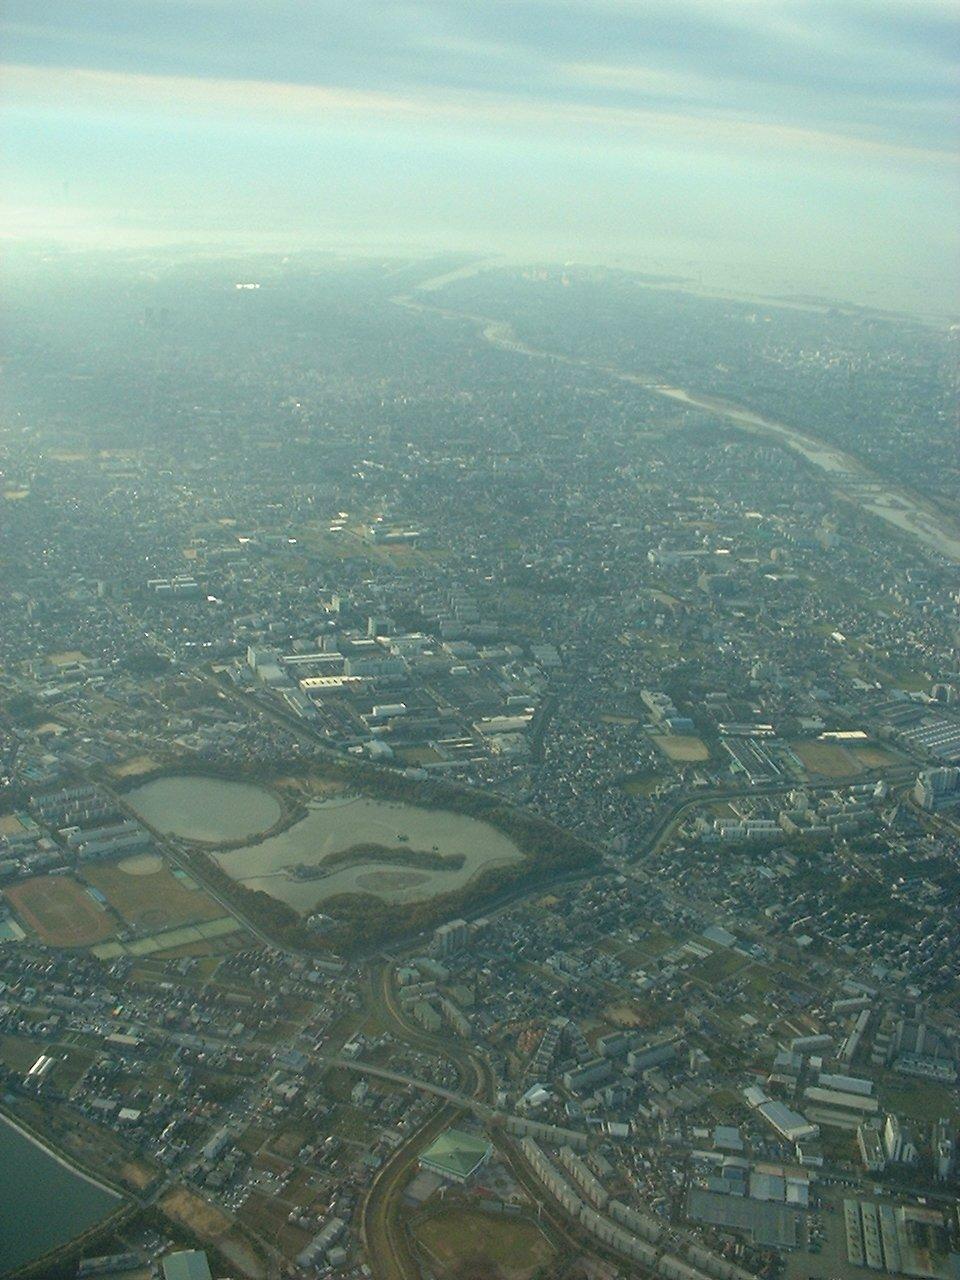 列島 昆陽 池 日本 伊丹上空から「日本列島」が見える?(謎解きクルーズ) :日本経済新聞